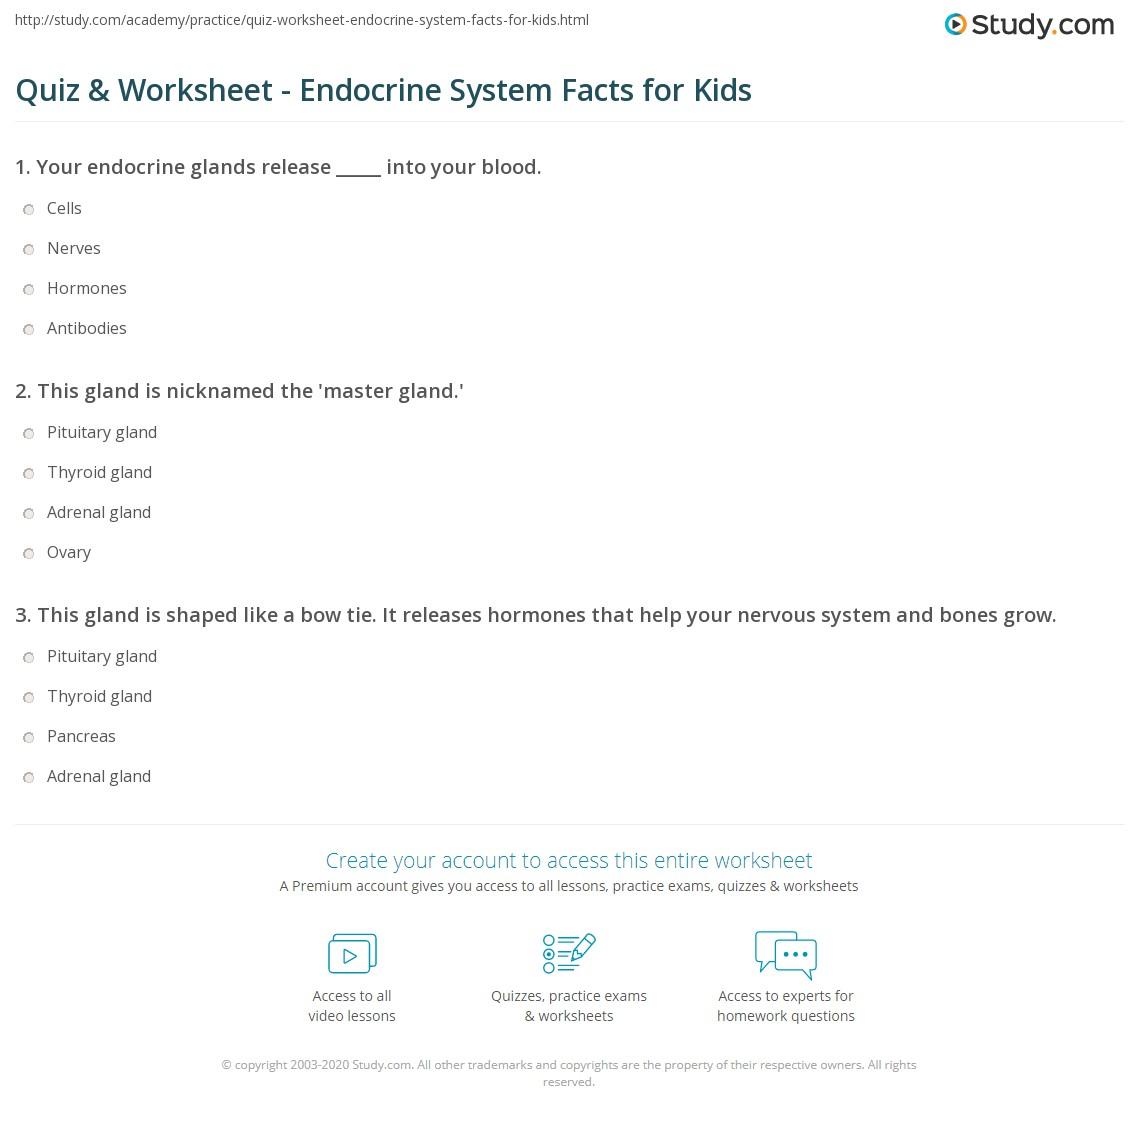 Quiz & Worksheet - Endocrine System Facts for Kids | Study.com